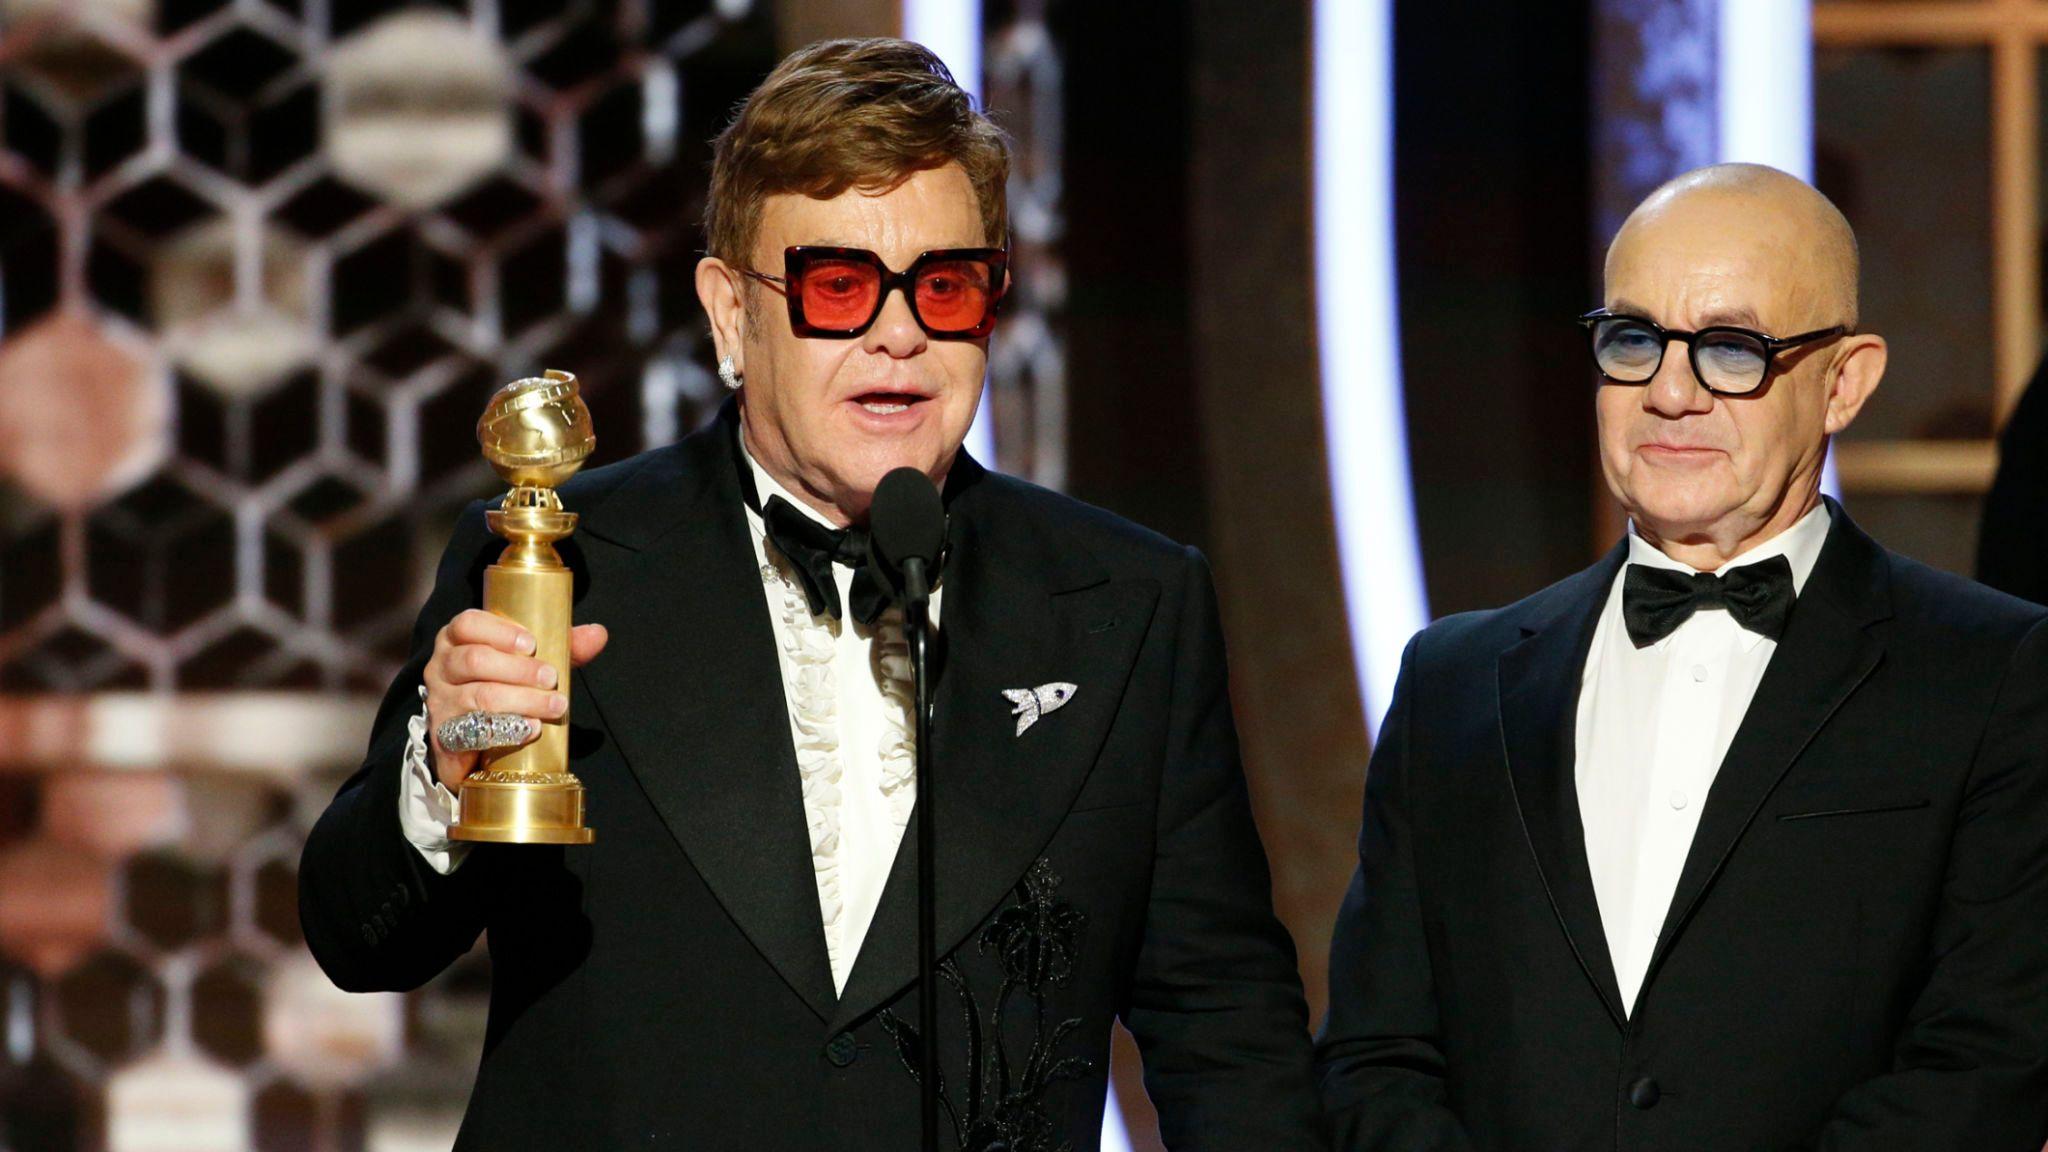 Golden Globes 2020 winner Elton John on stage